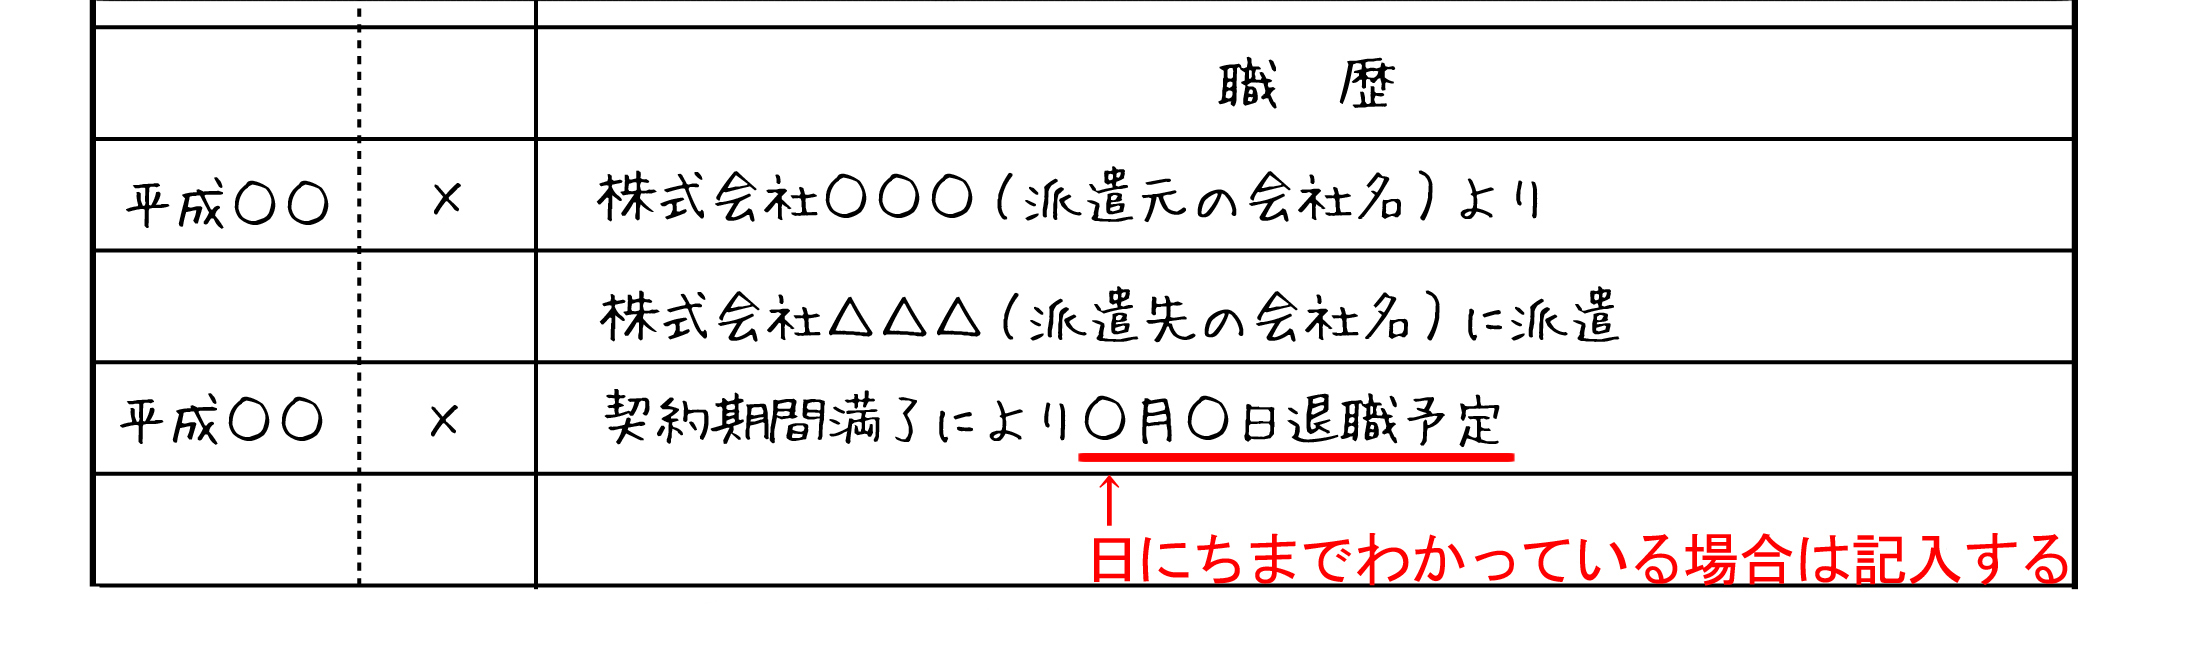 修正_資料B